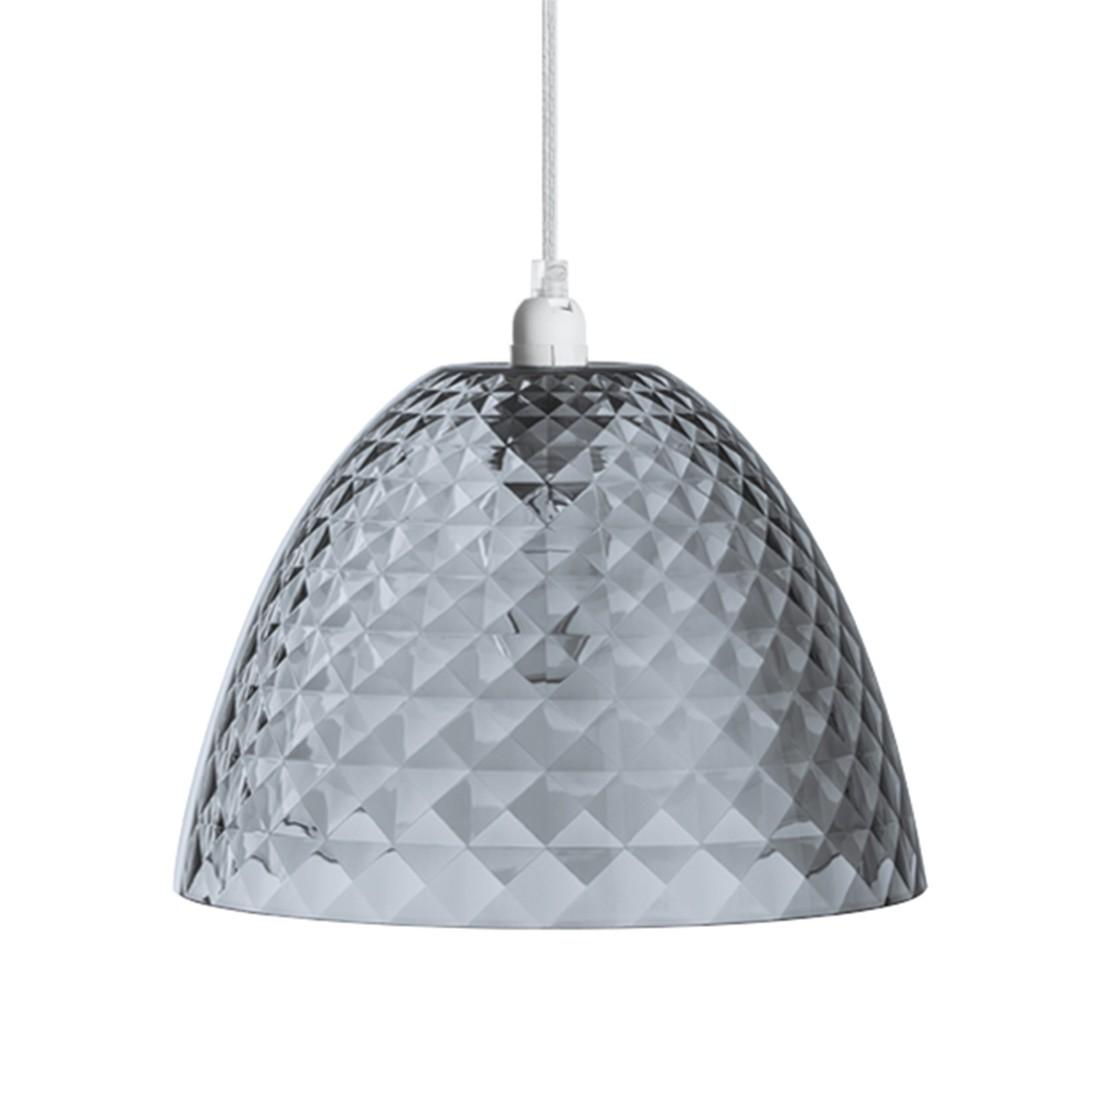 EEK A++, Pendelleuchte Stella S – 1-flammig, Koziol günstig online kaufen